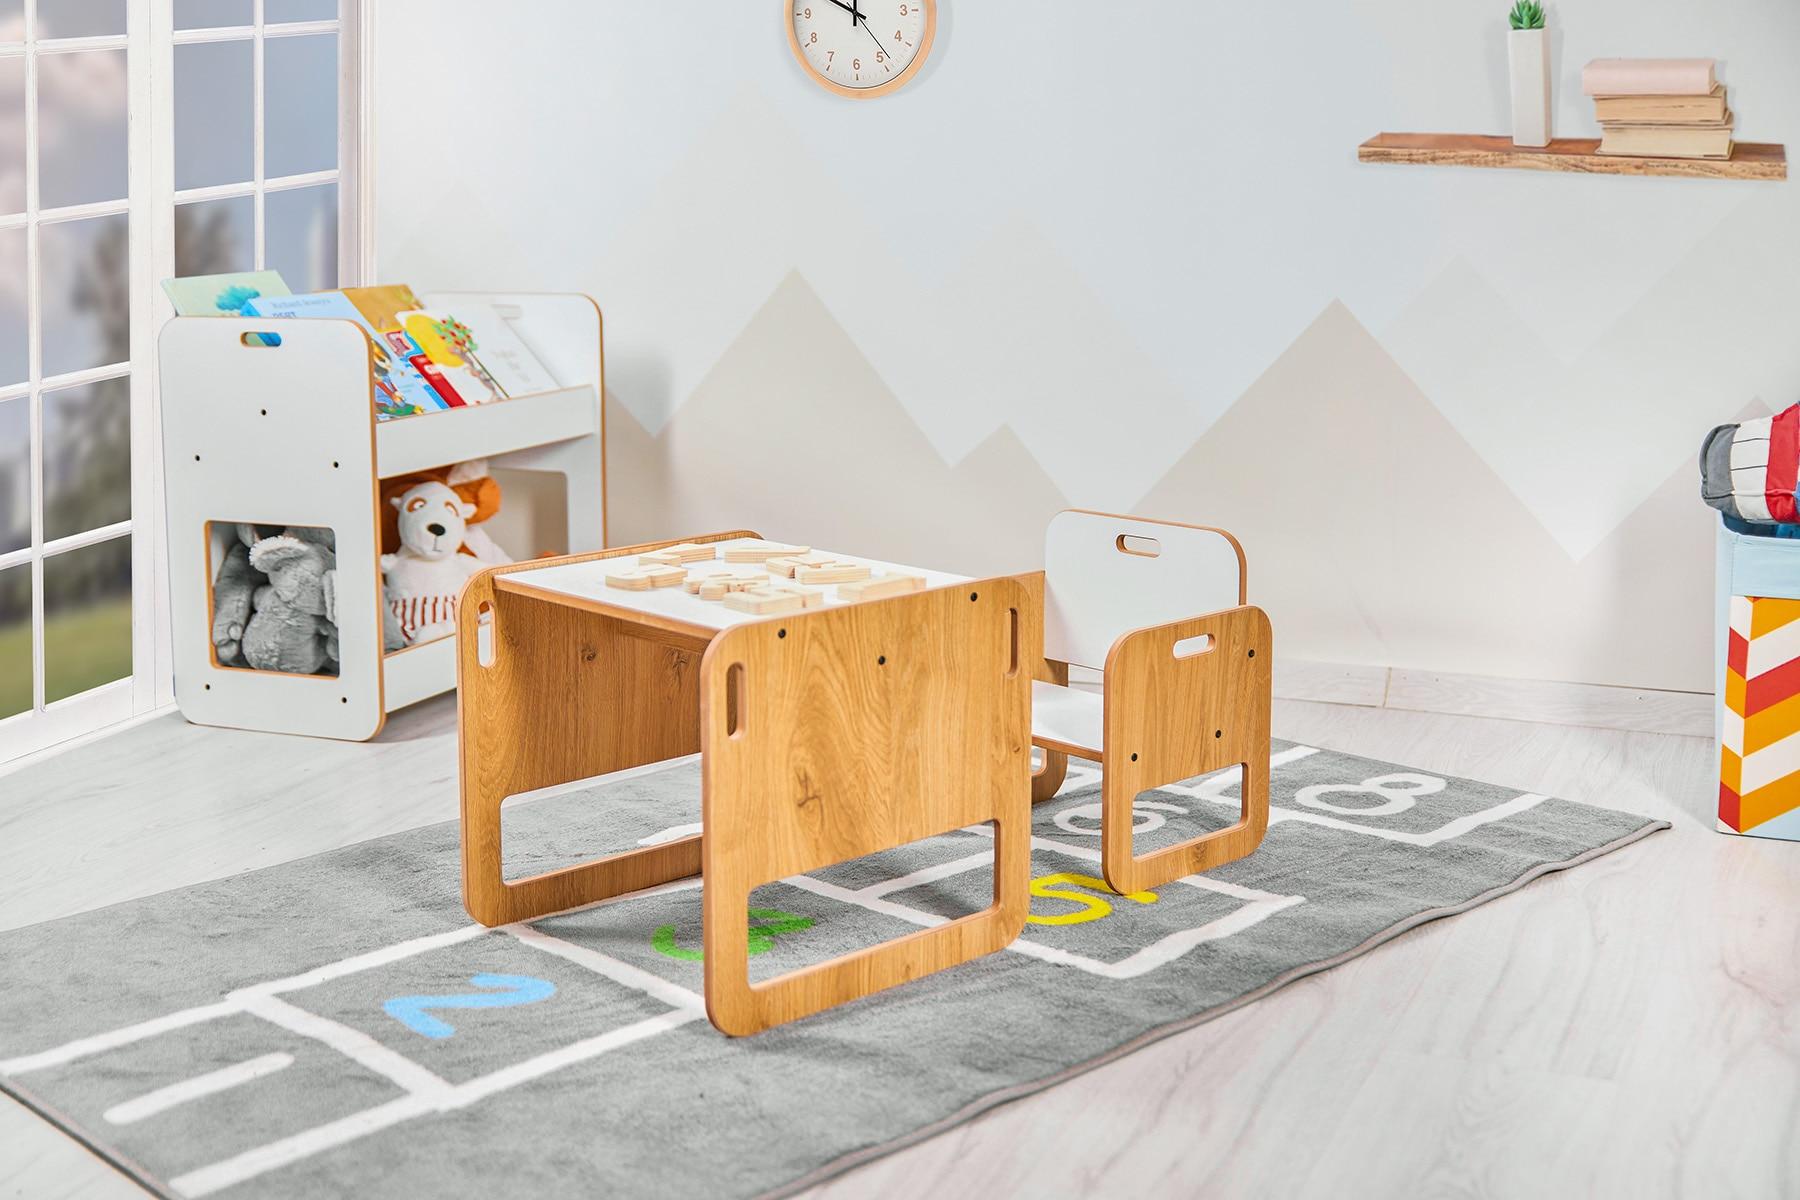 طاولة أنشطة خشبية للأطفال من سن 0 إلى 2 سنوات ، مجموعة كرسي مونتيسوري ، أثاث مكعب للبنات والأولاد